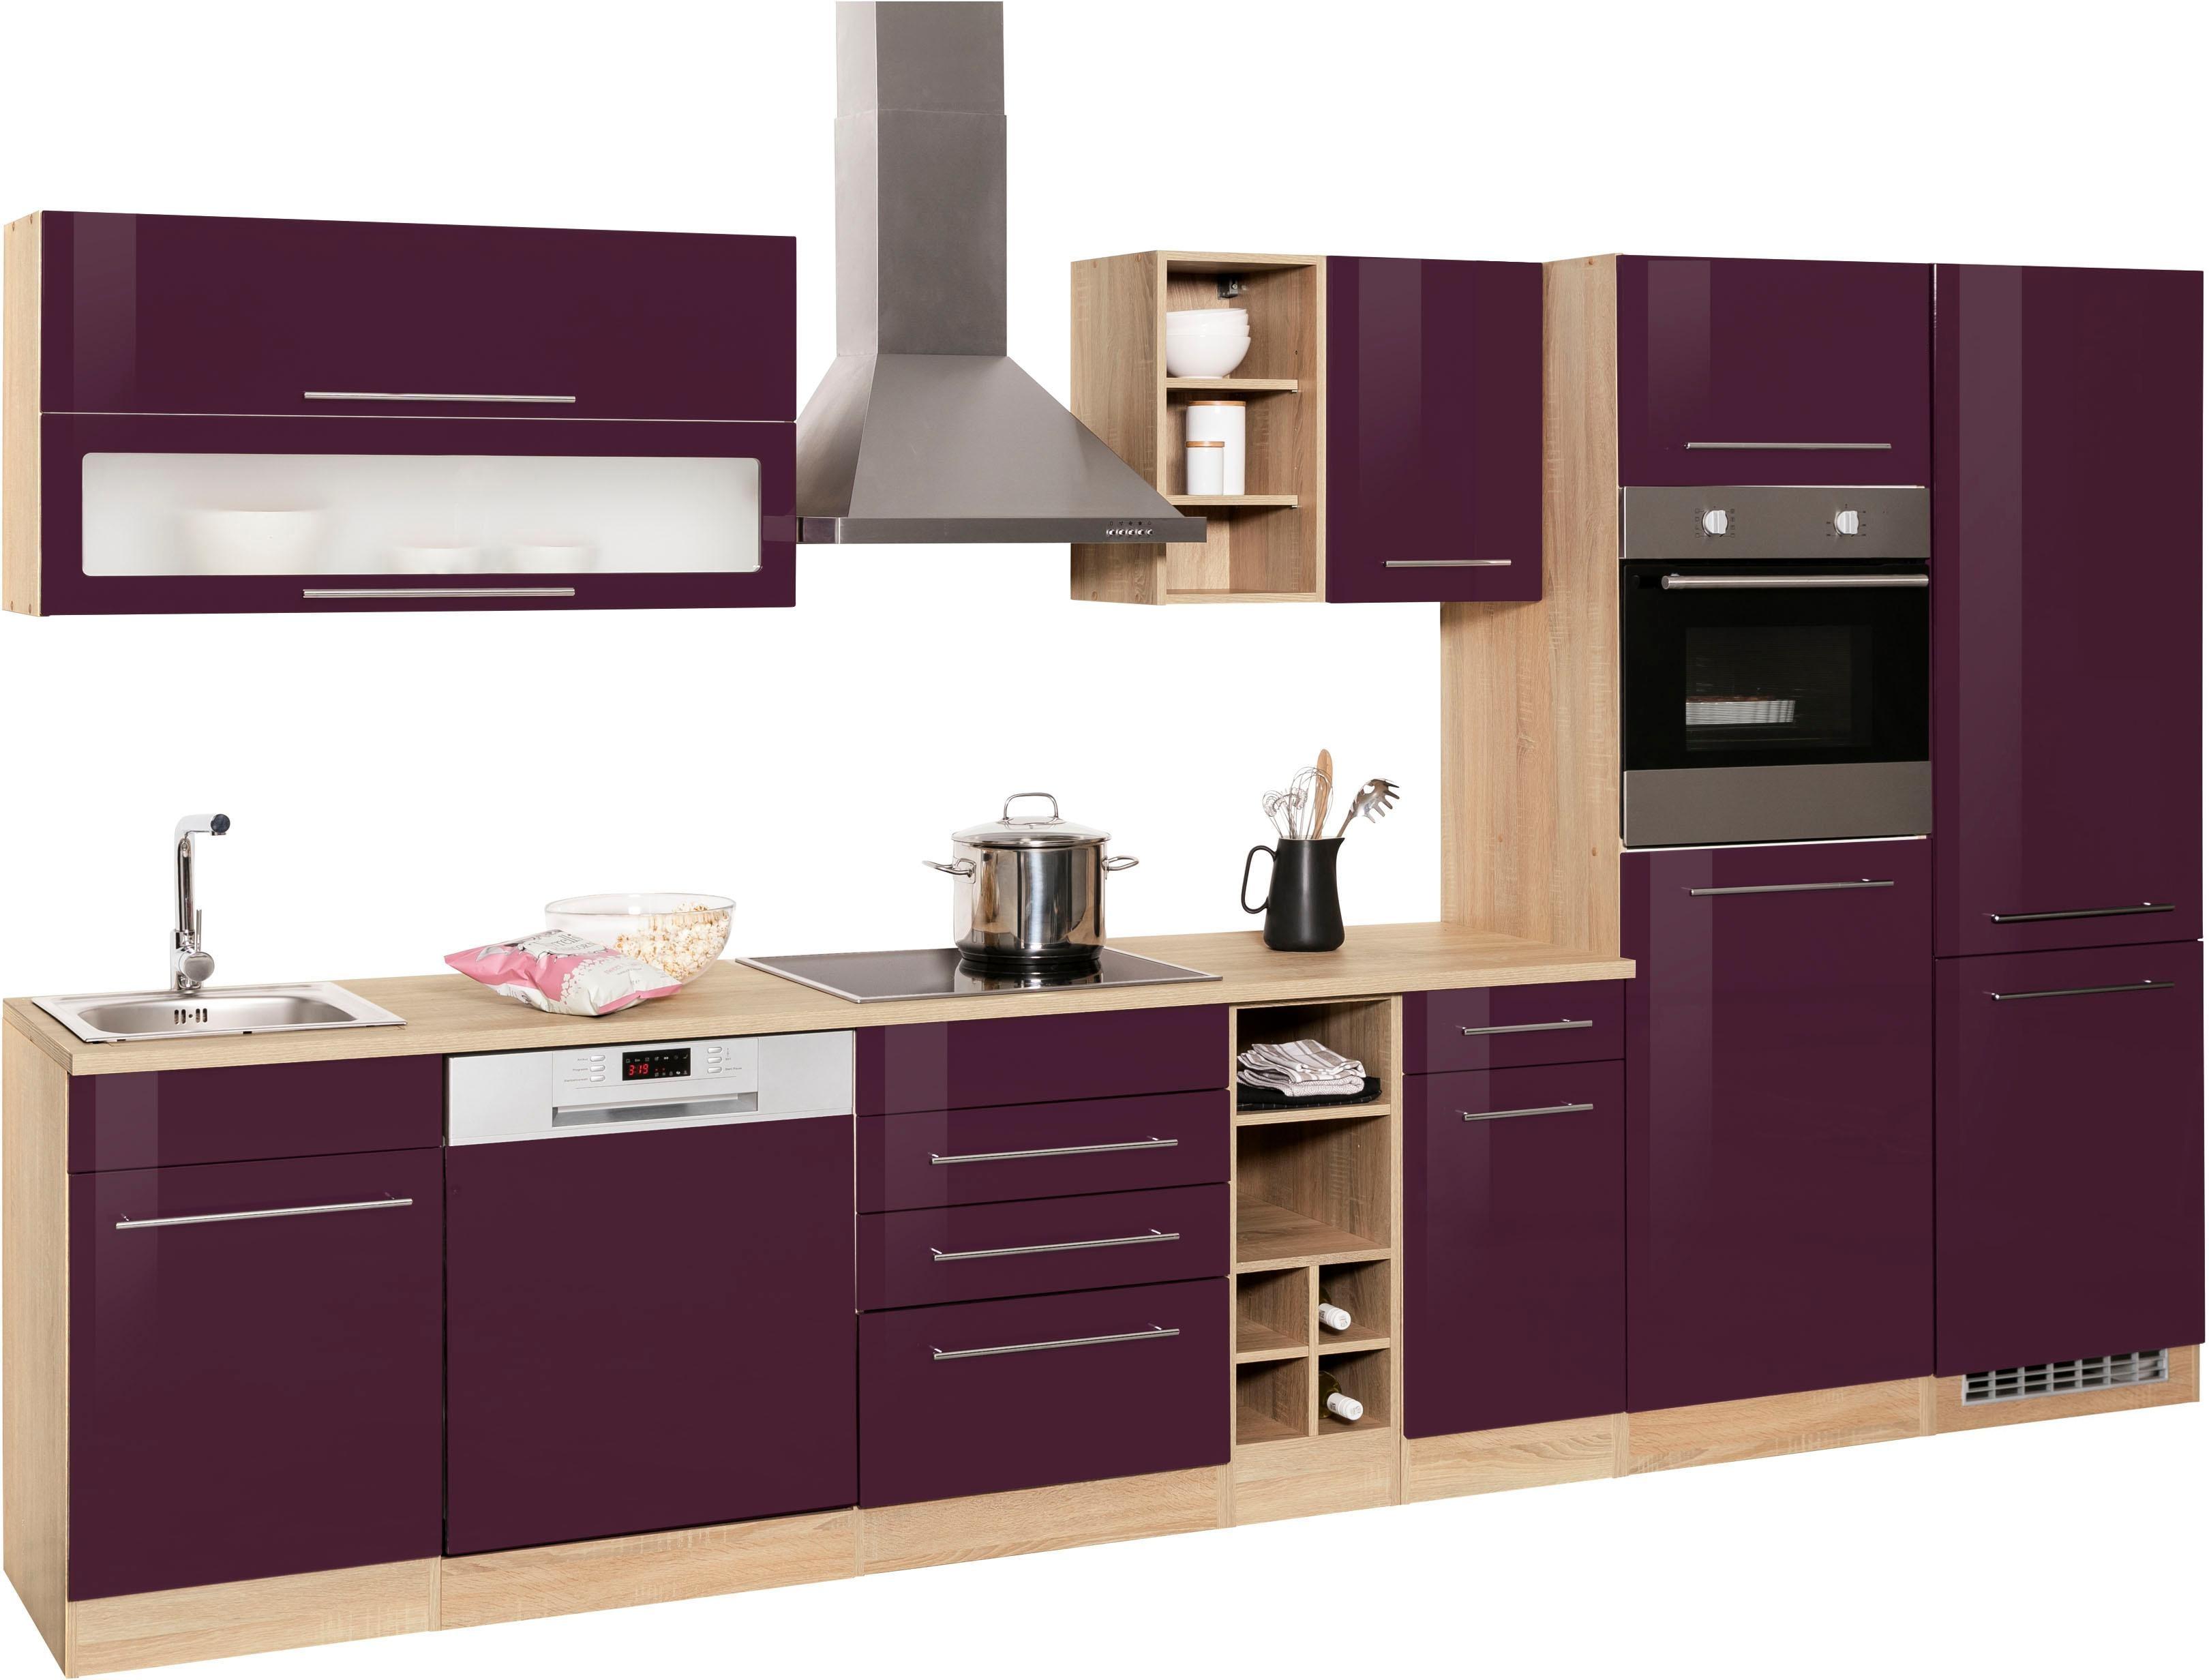 lila Küchenzeilen online kaufen | Möbel-Suchmaschine | ladendirekt.de